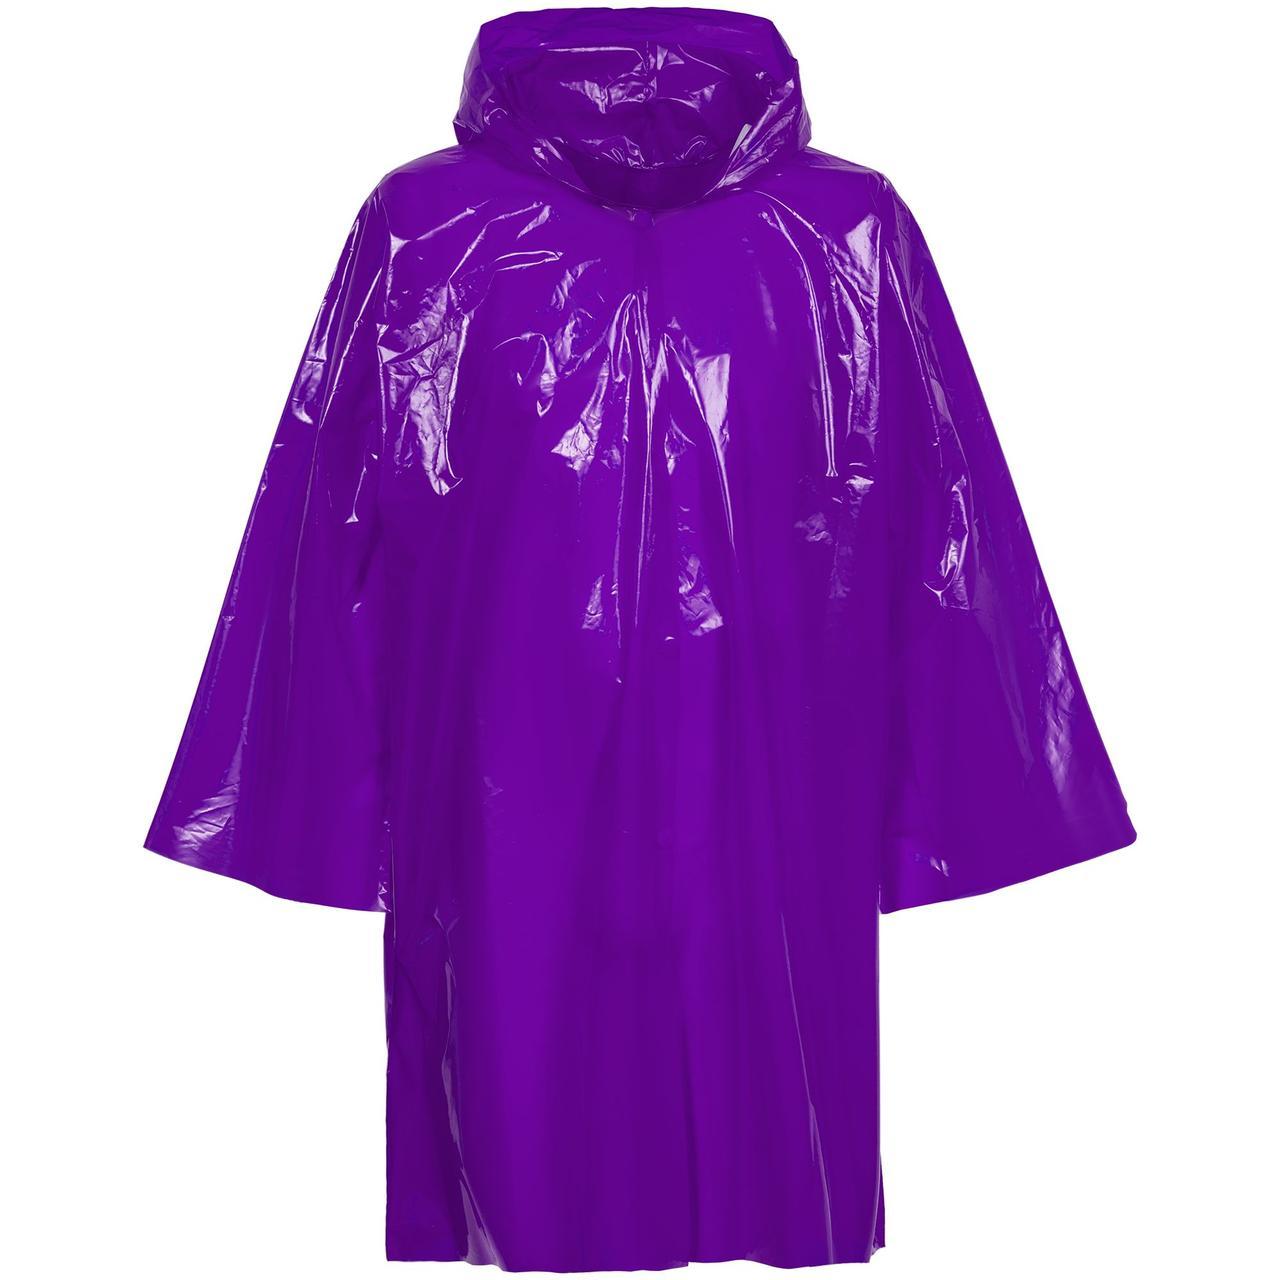 Дождевик-плащ CloudTime, фиолетовый (артикул 11876.70)